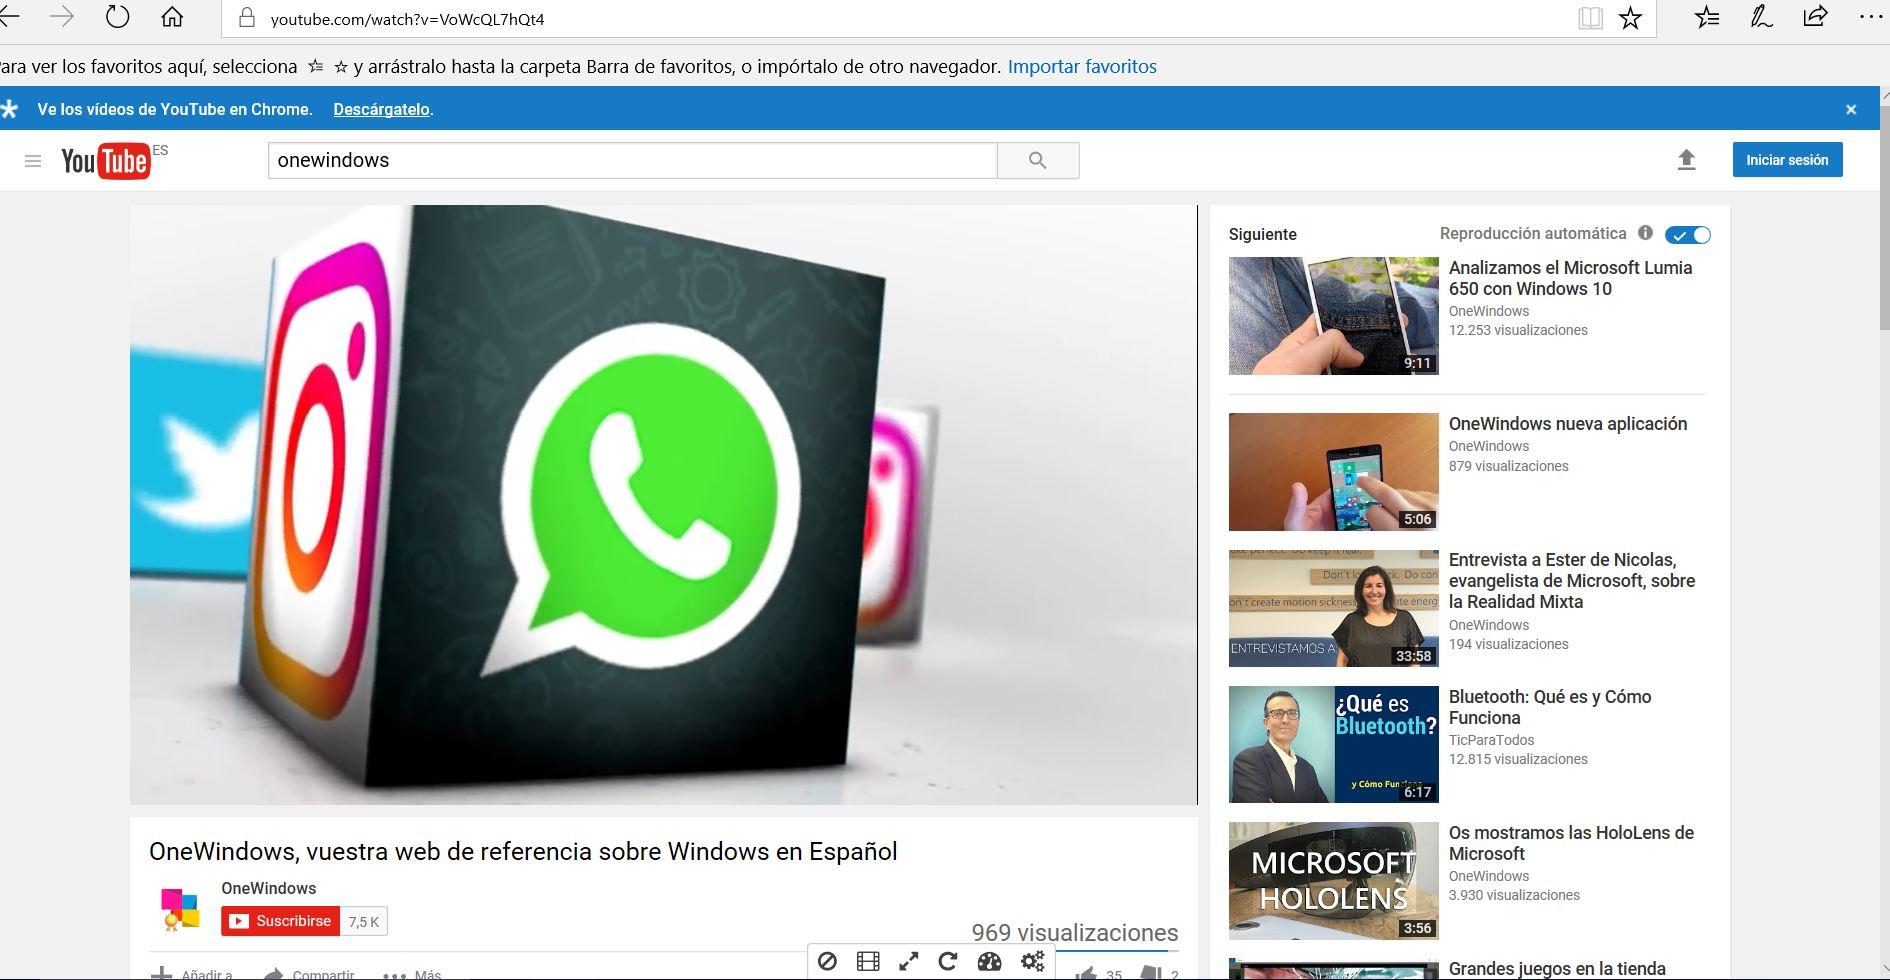 Enhancer for YouTube for Microsoft Edge